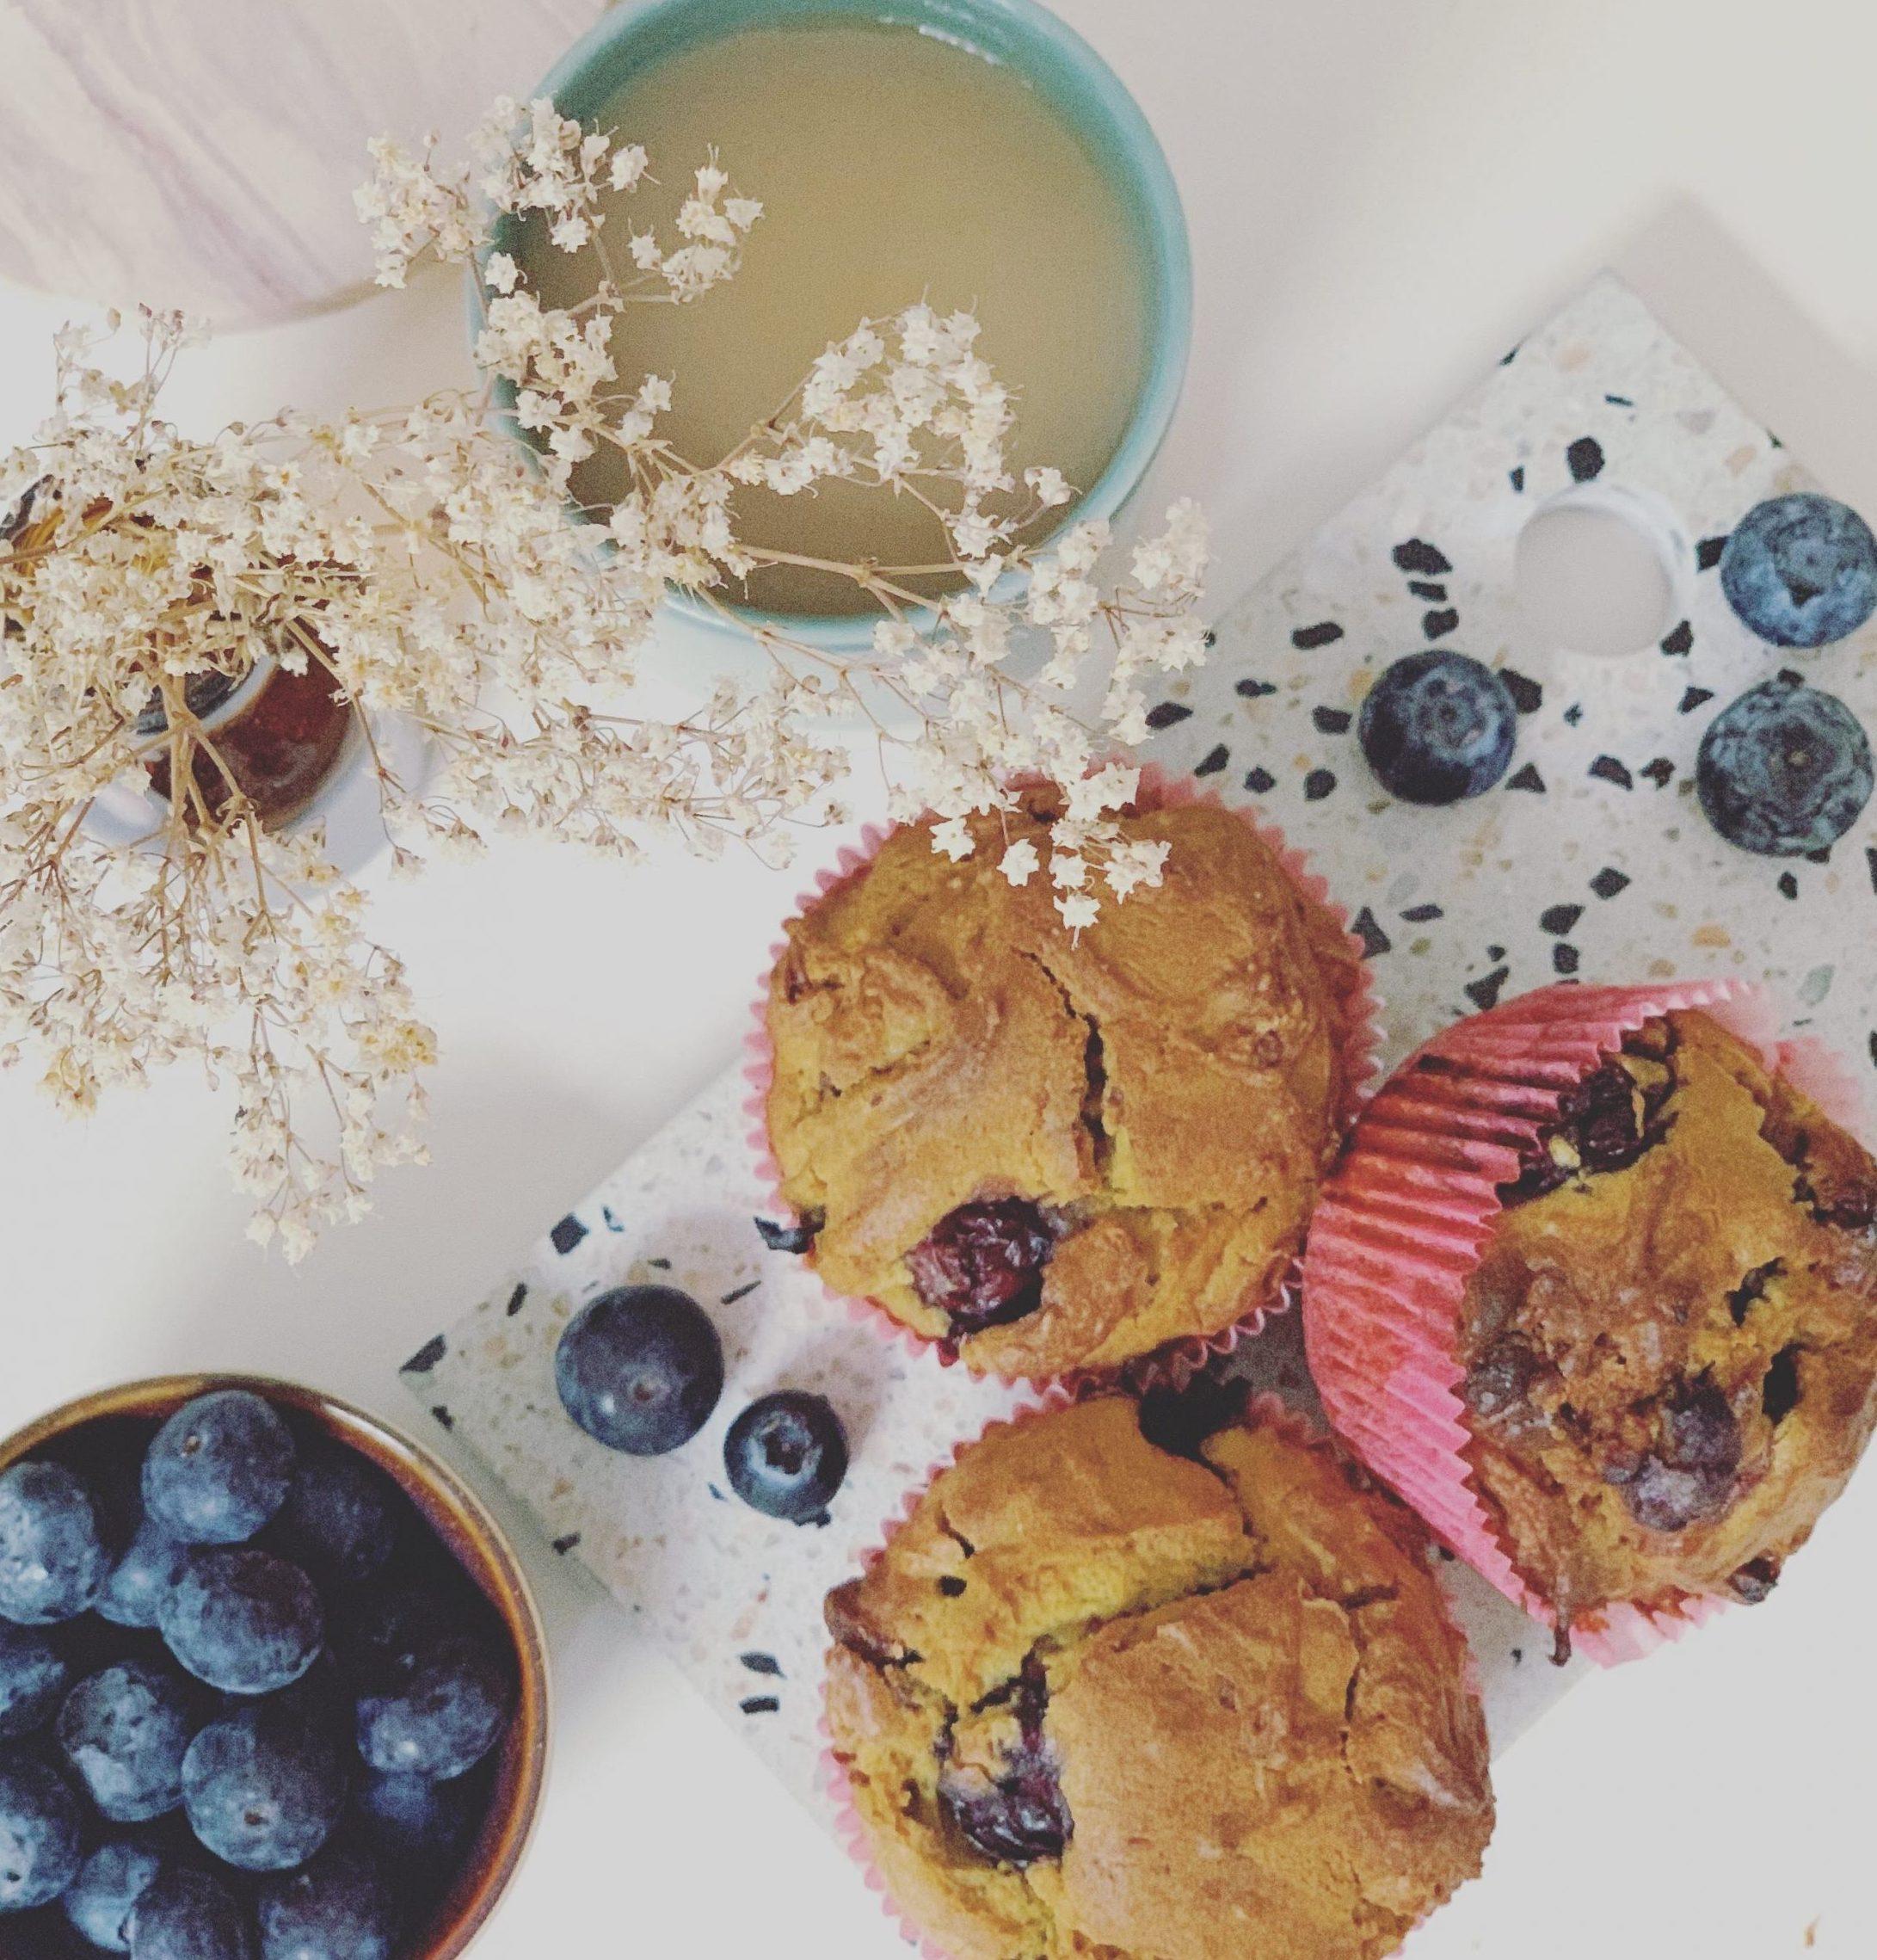 Danone yogurt blueberry muffins